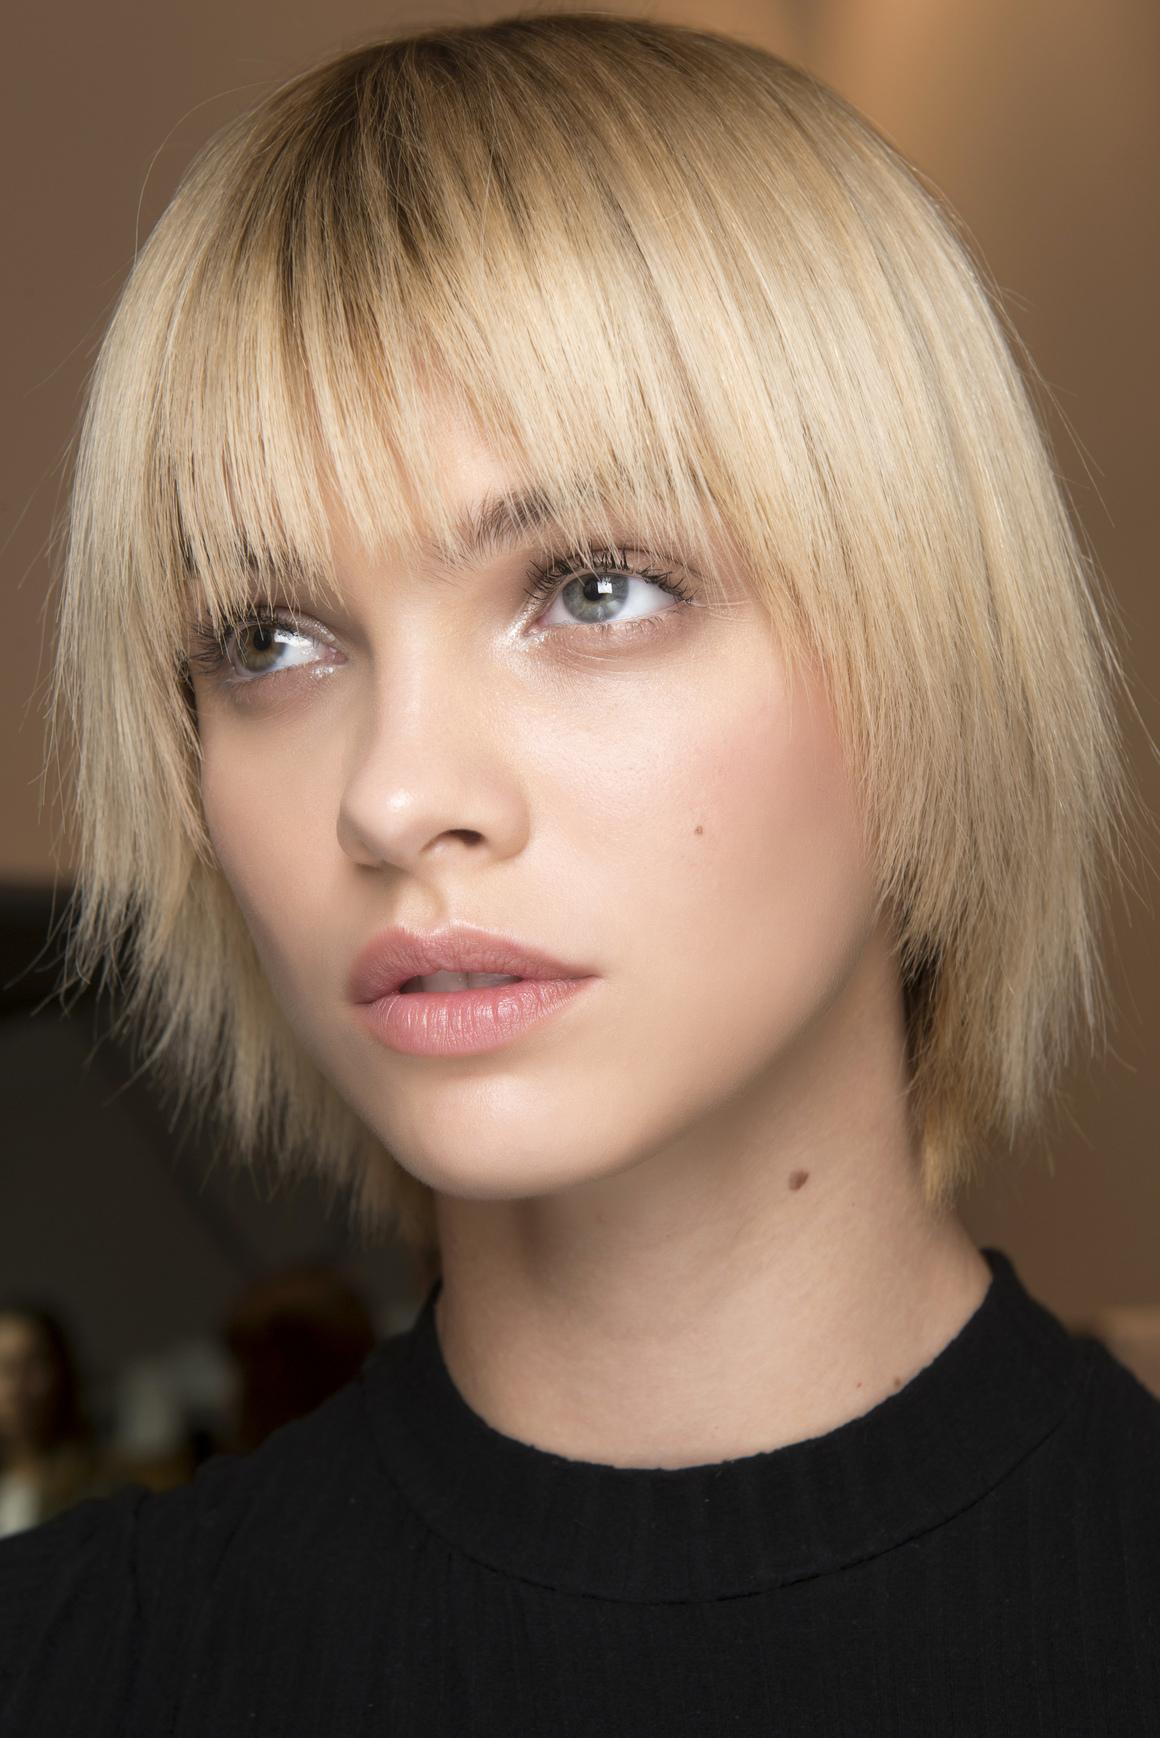 cheveux-20-idees-de-coiffures-et-de-coupes-mi-longues-9